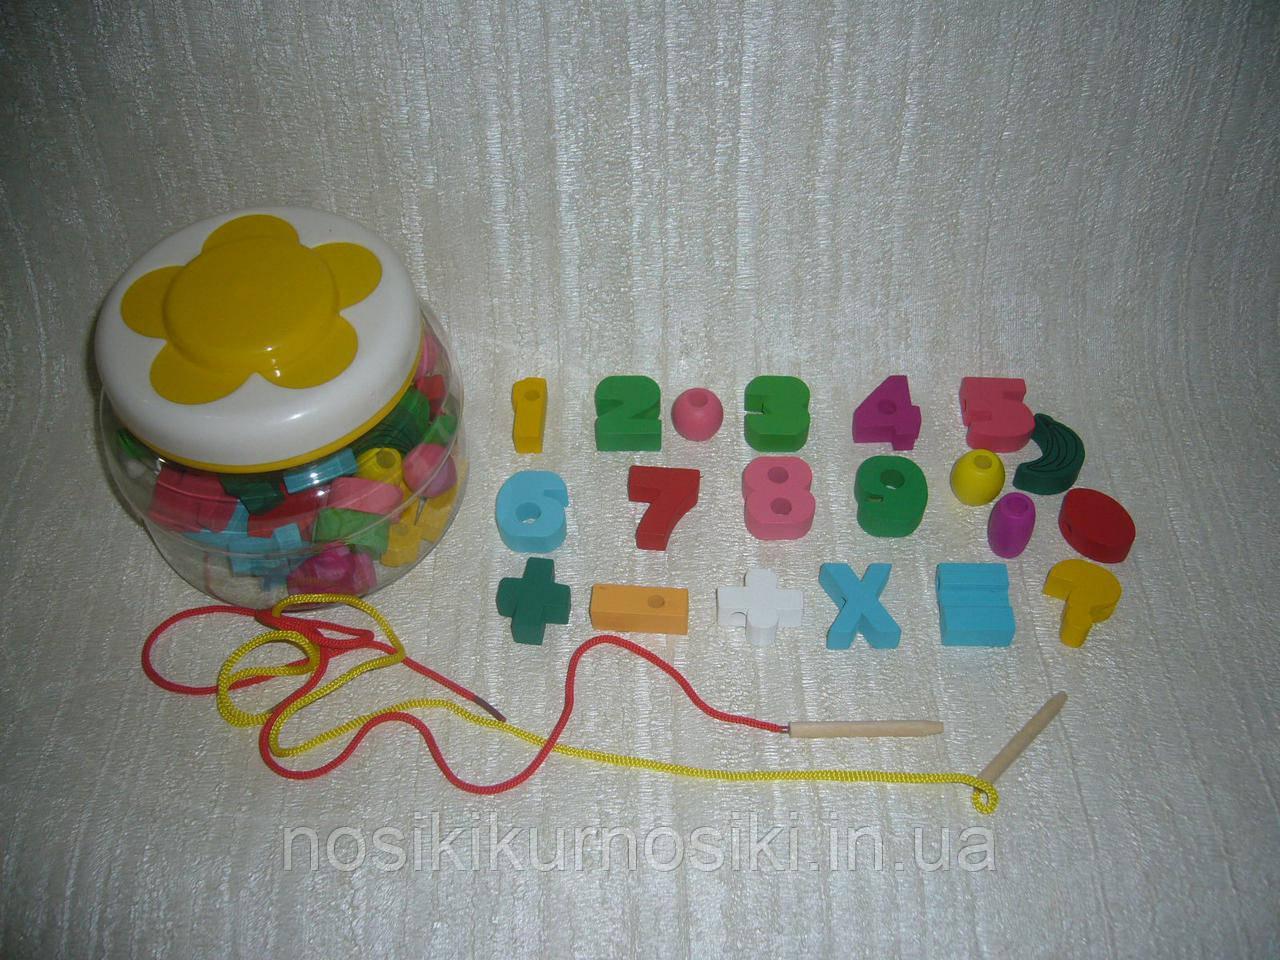 Деревянные игрушки Шнуровка в банке цифры, математика